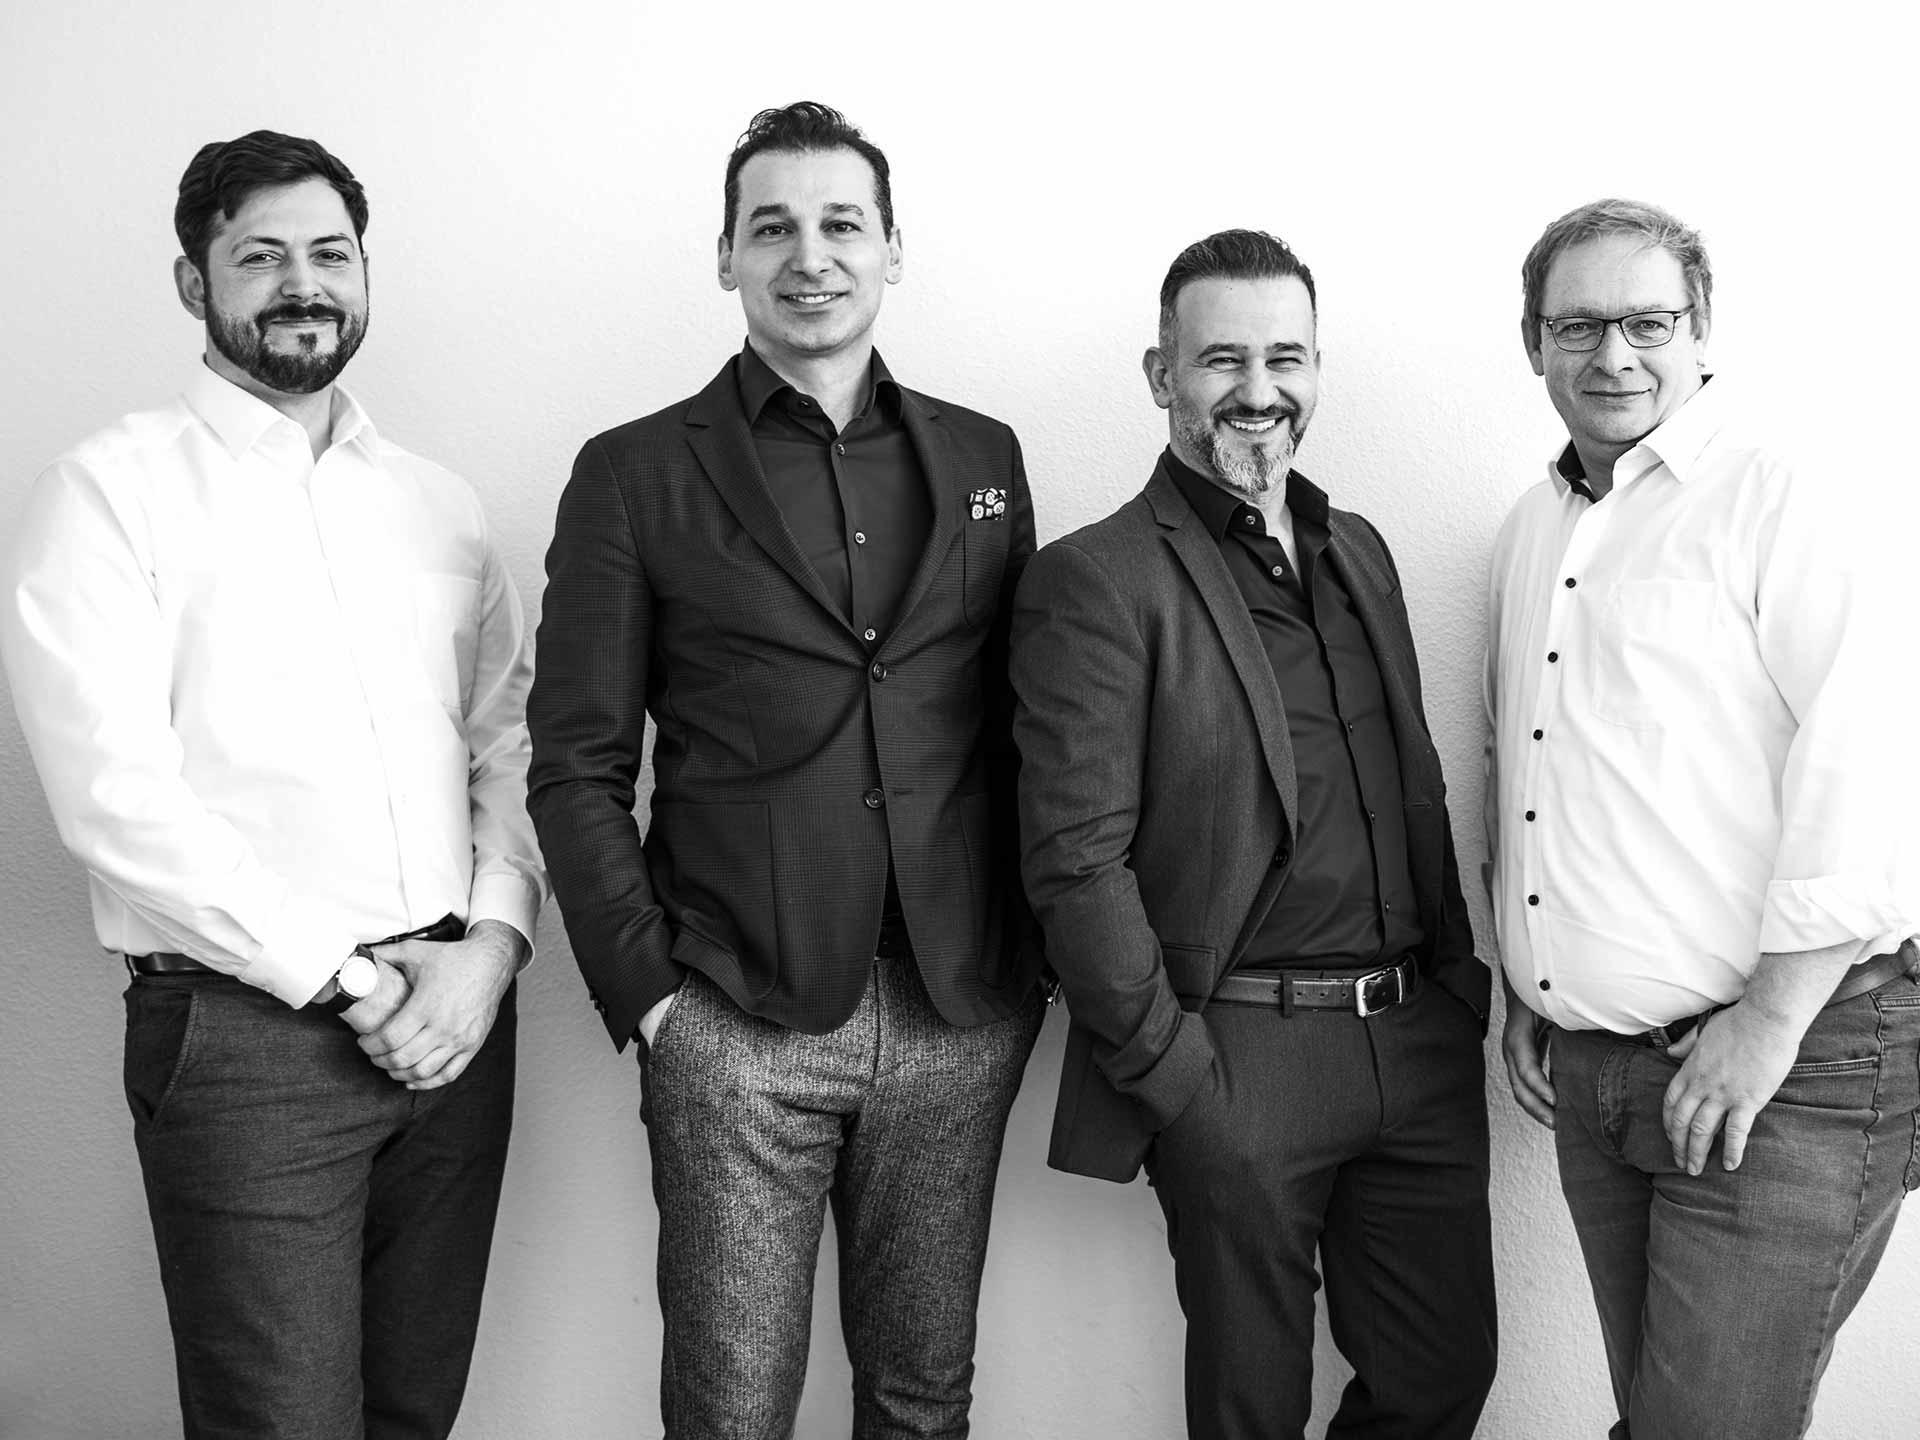 Brockhaus GmbH Immobilienmakler in Weinheim Bild Mitarbeiter Männer